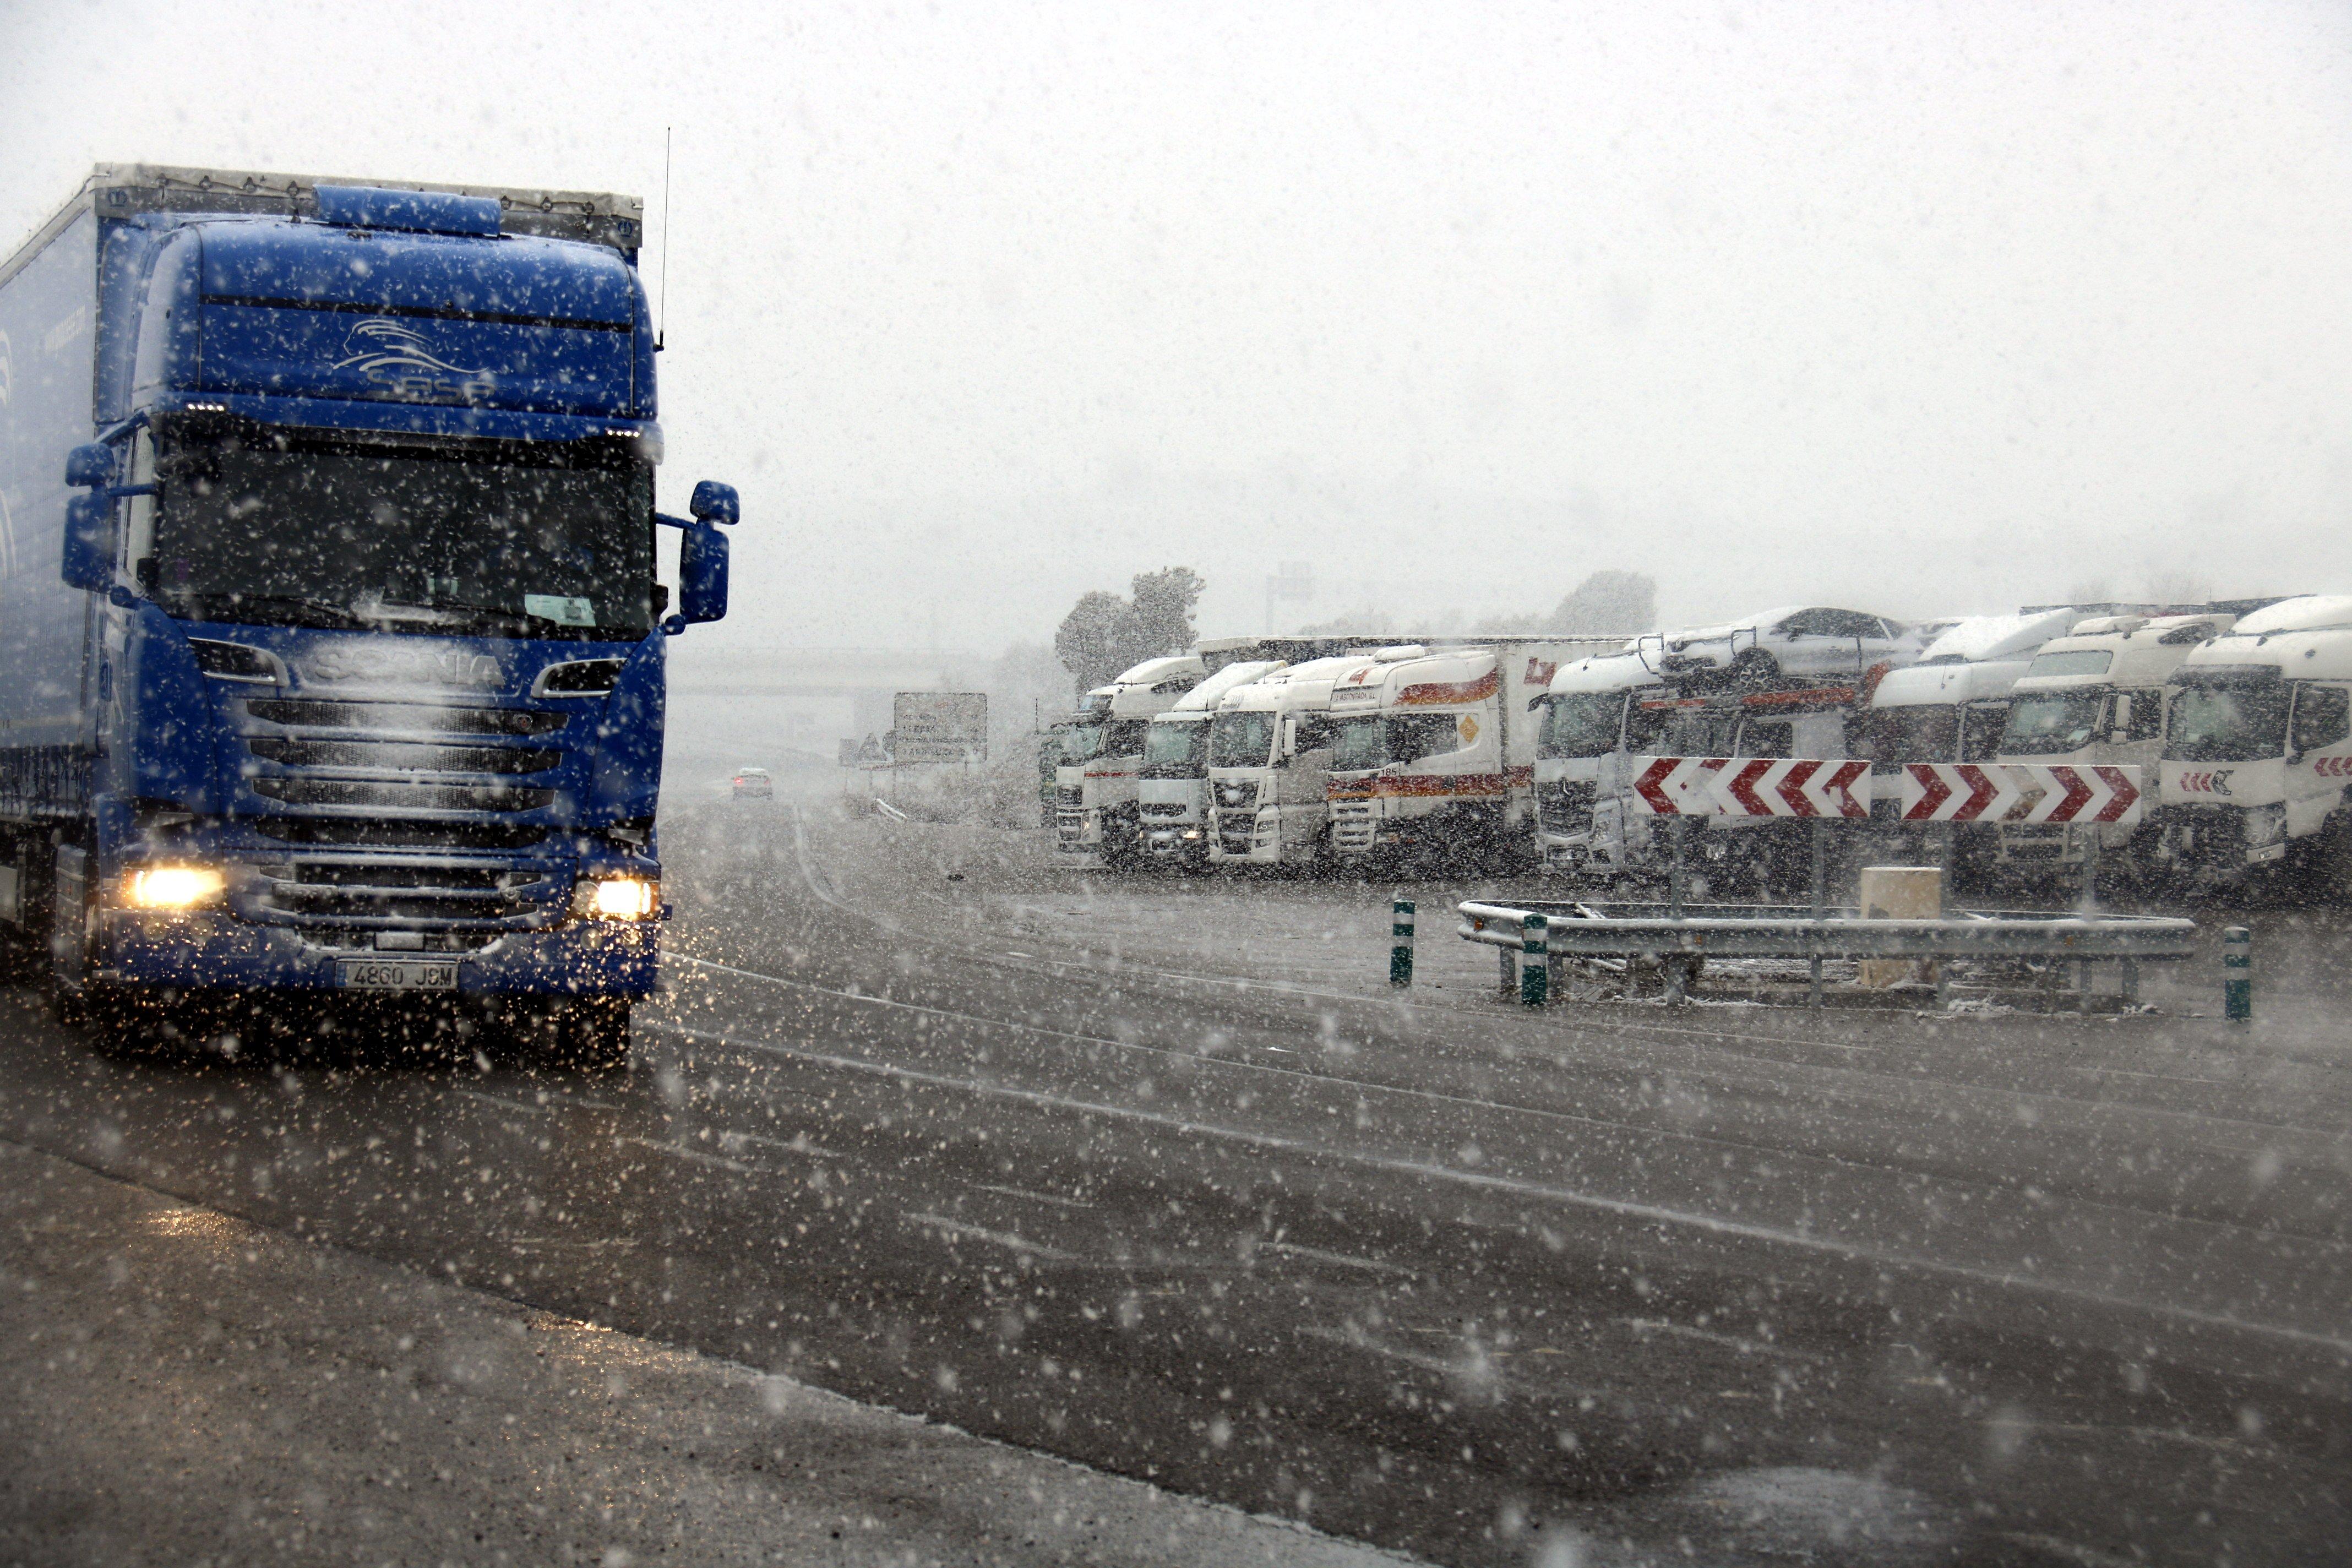 camions parats neu ACN